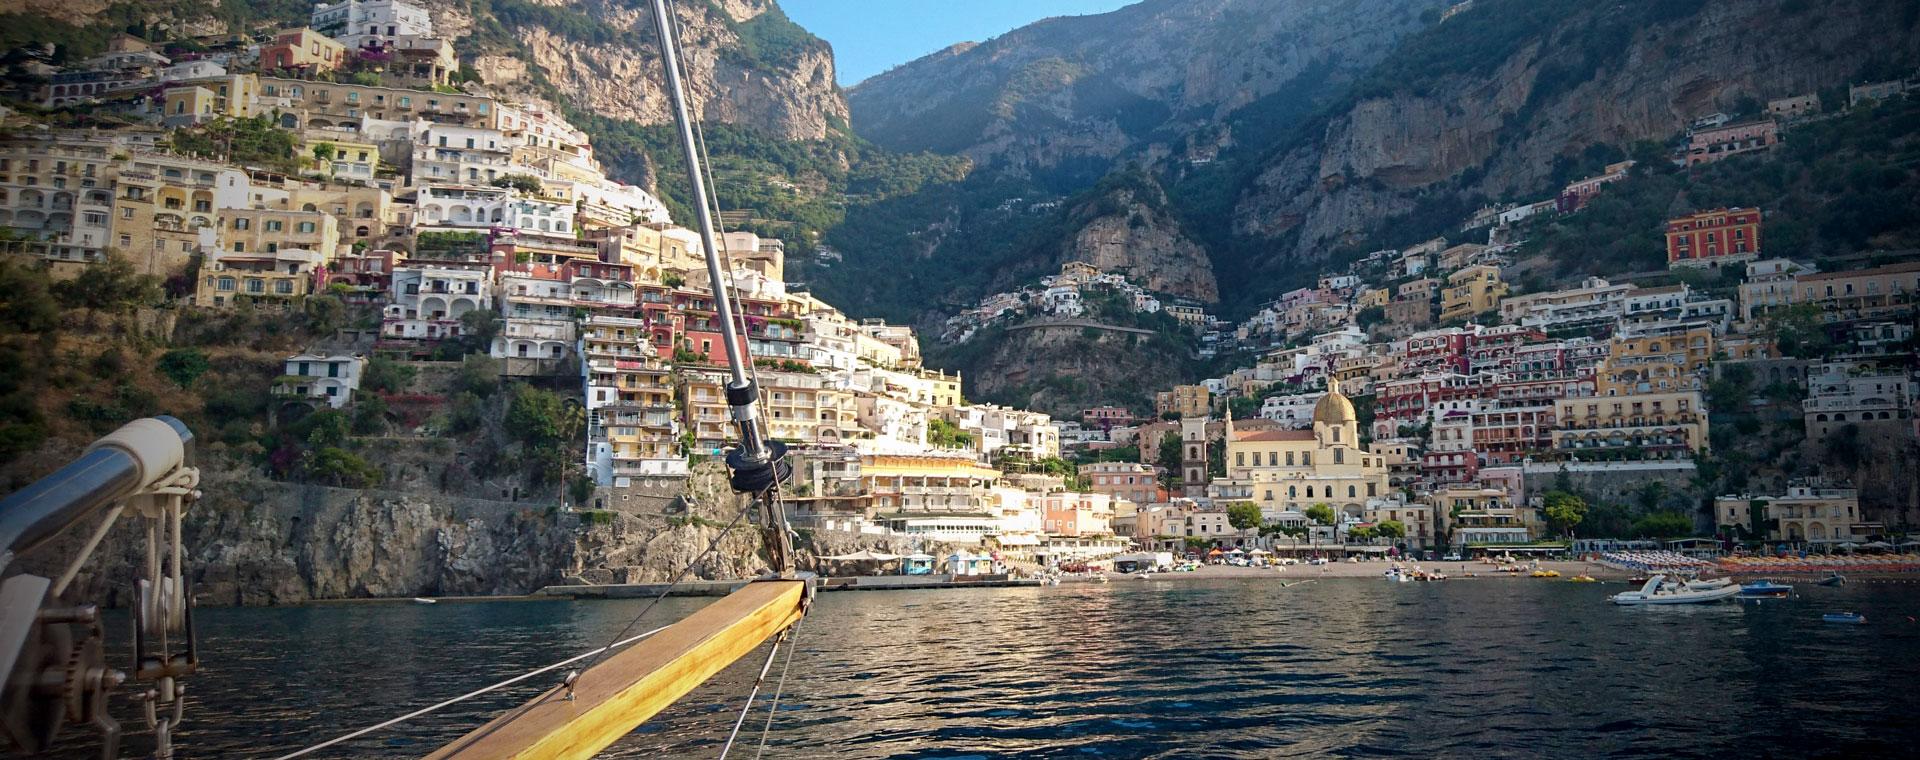 Voyage en véhicule : La Côte amalfitaine à vélo bateau